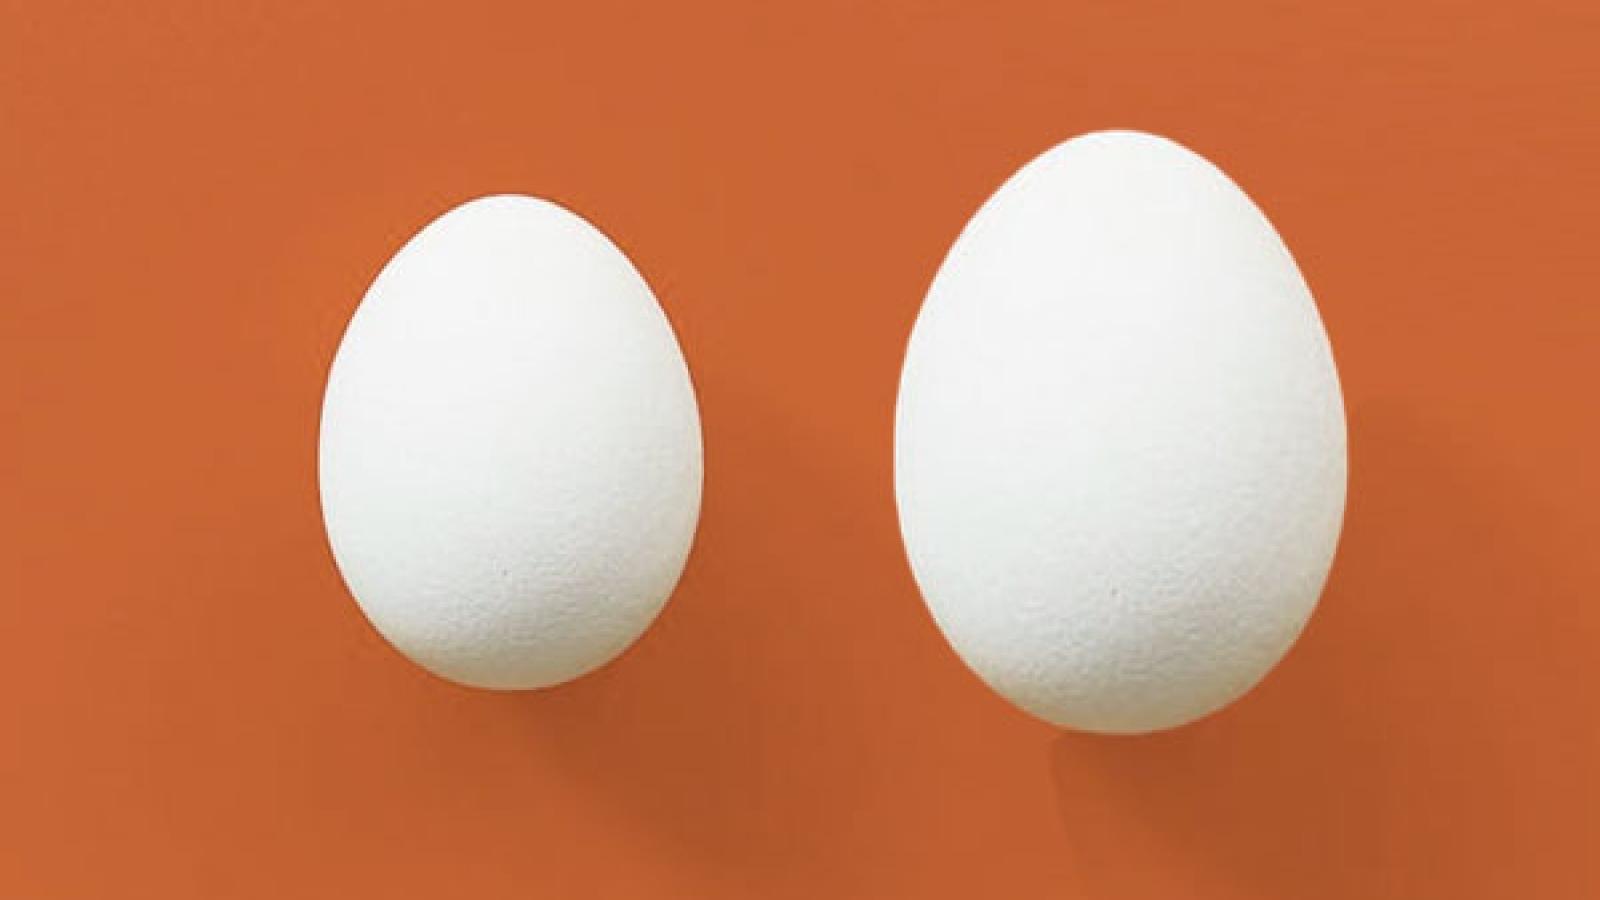 Lý do bạn nên chọn trứng vịt thay cho trứng gà